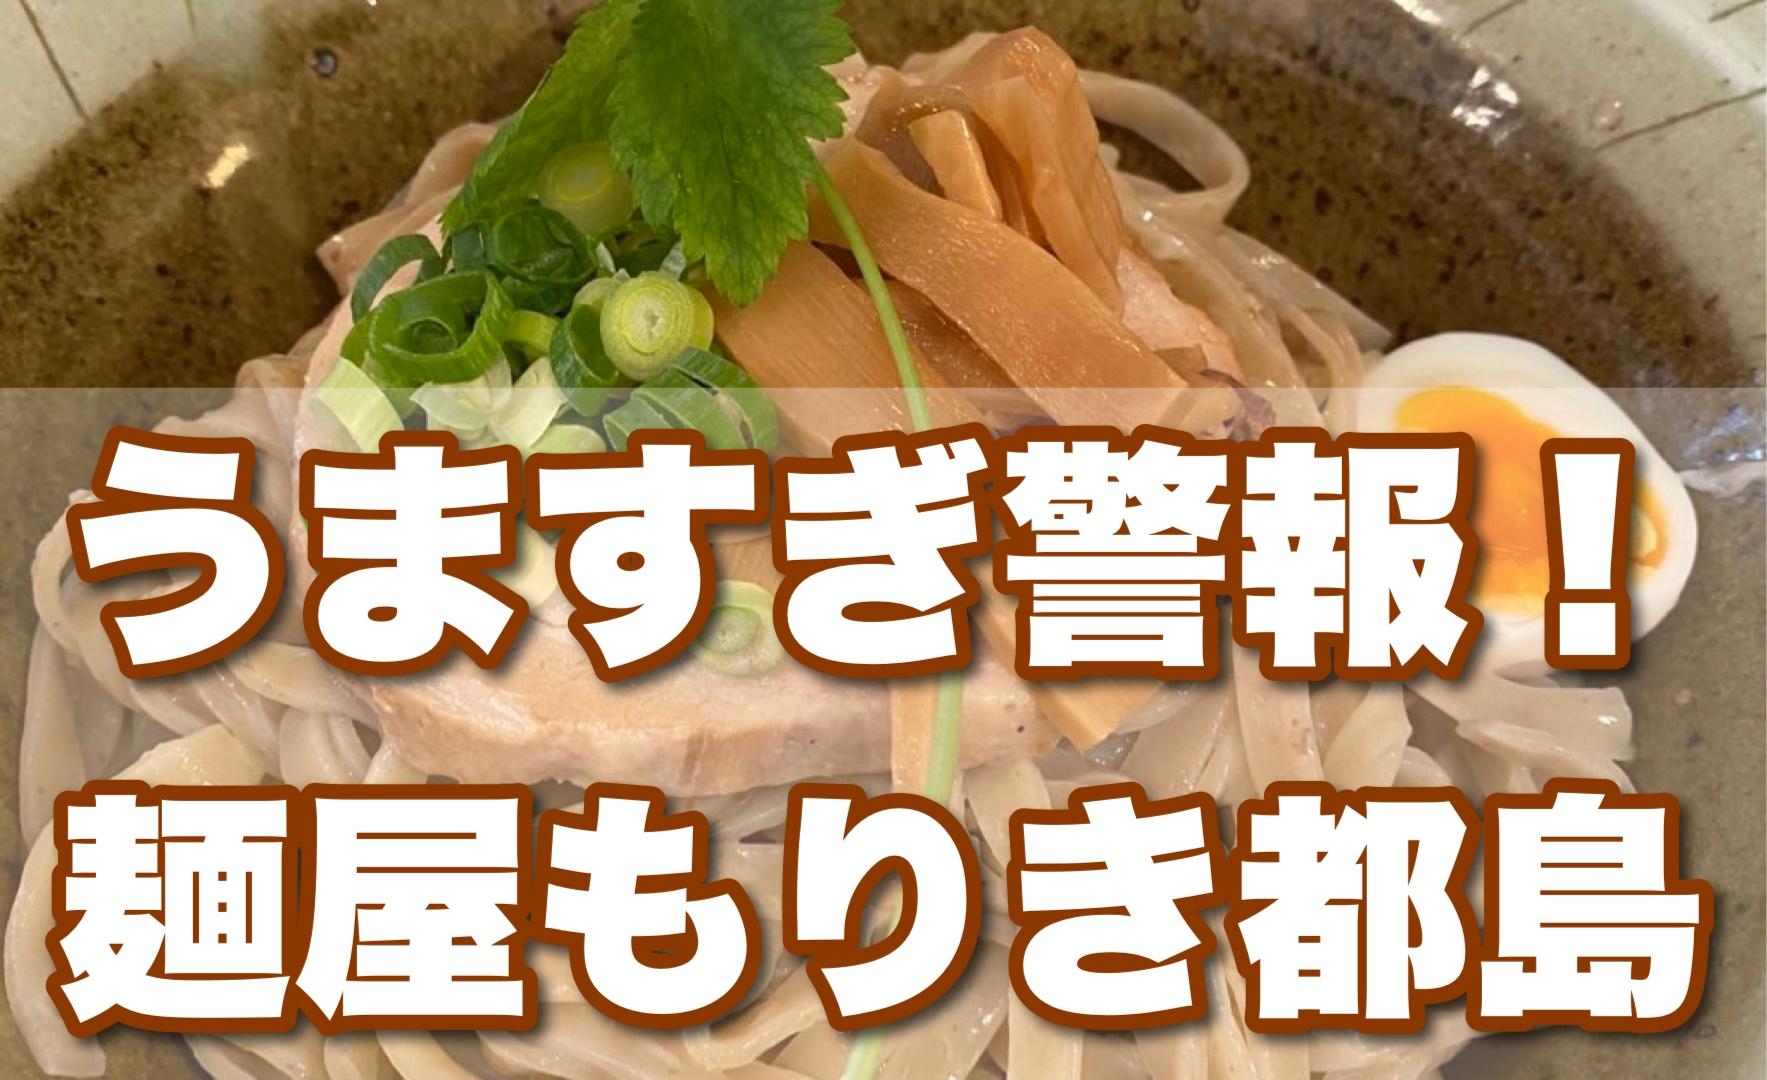 麺屋もりき都島店のつけ麺を使ったアイキャッチ